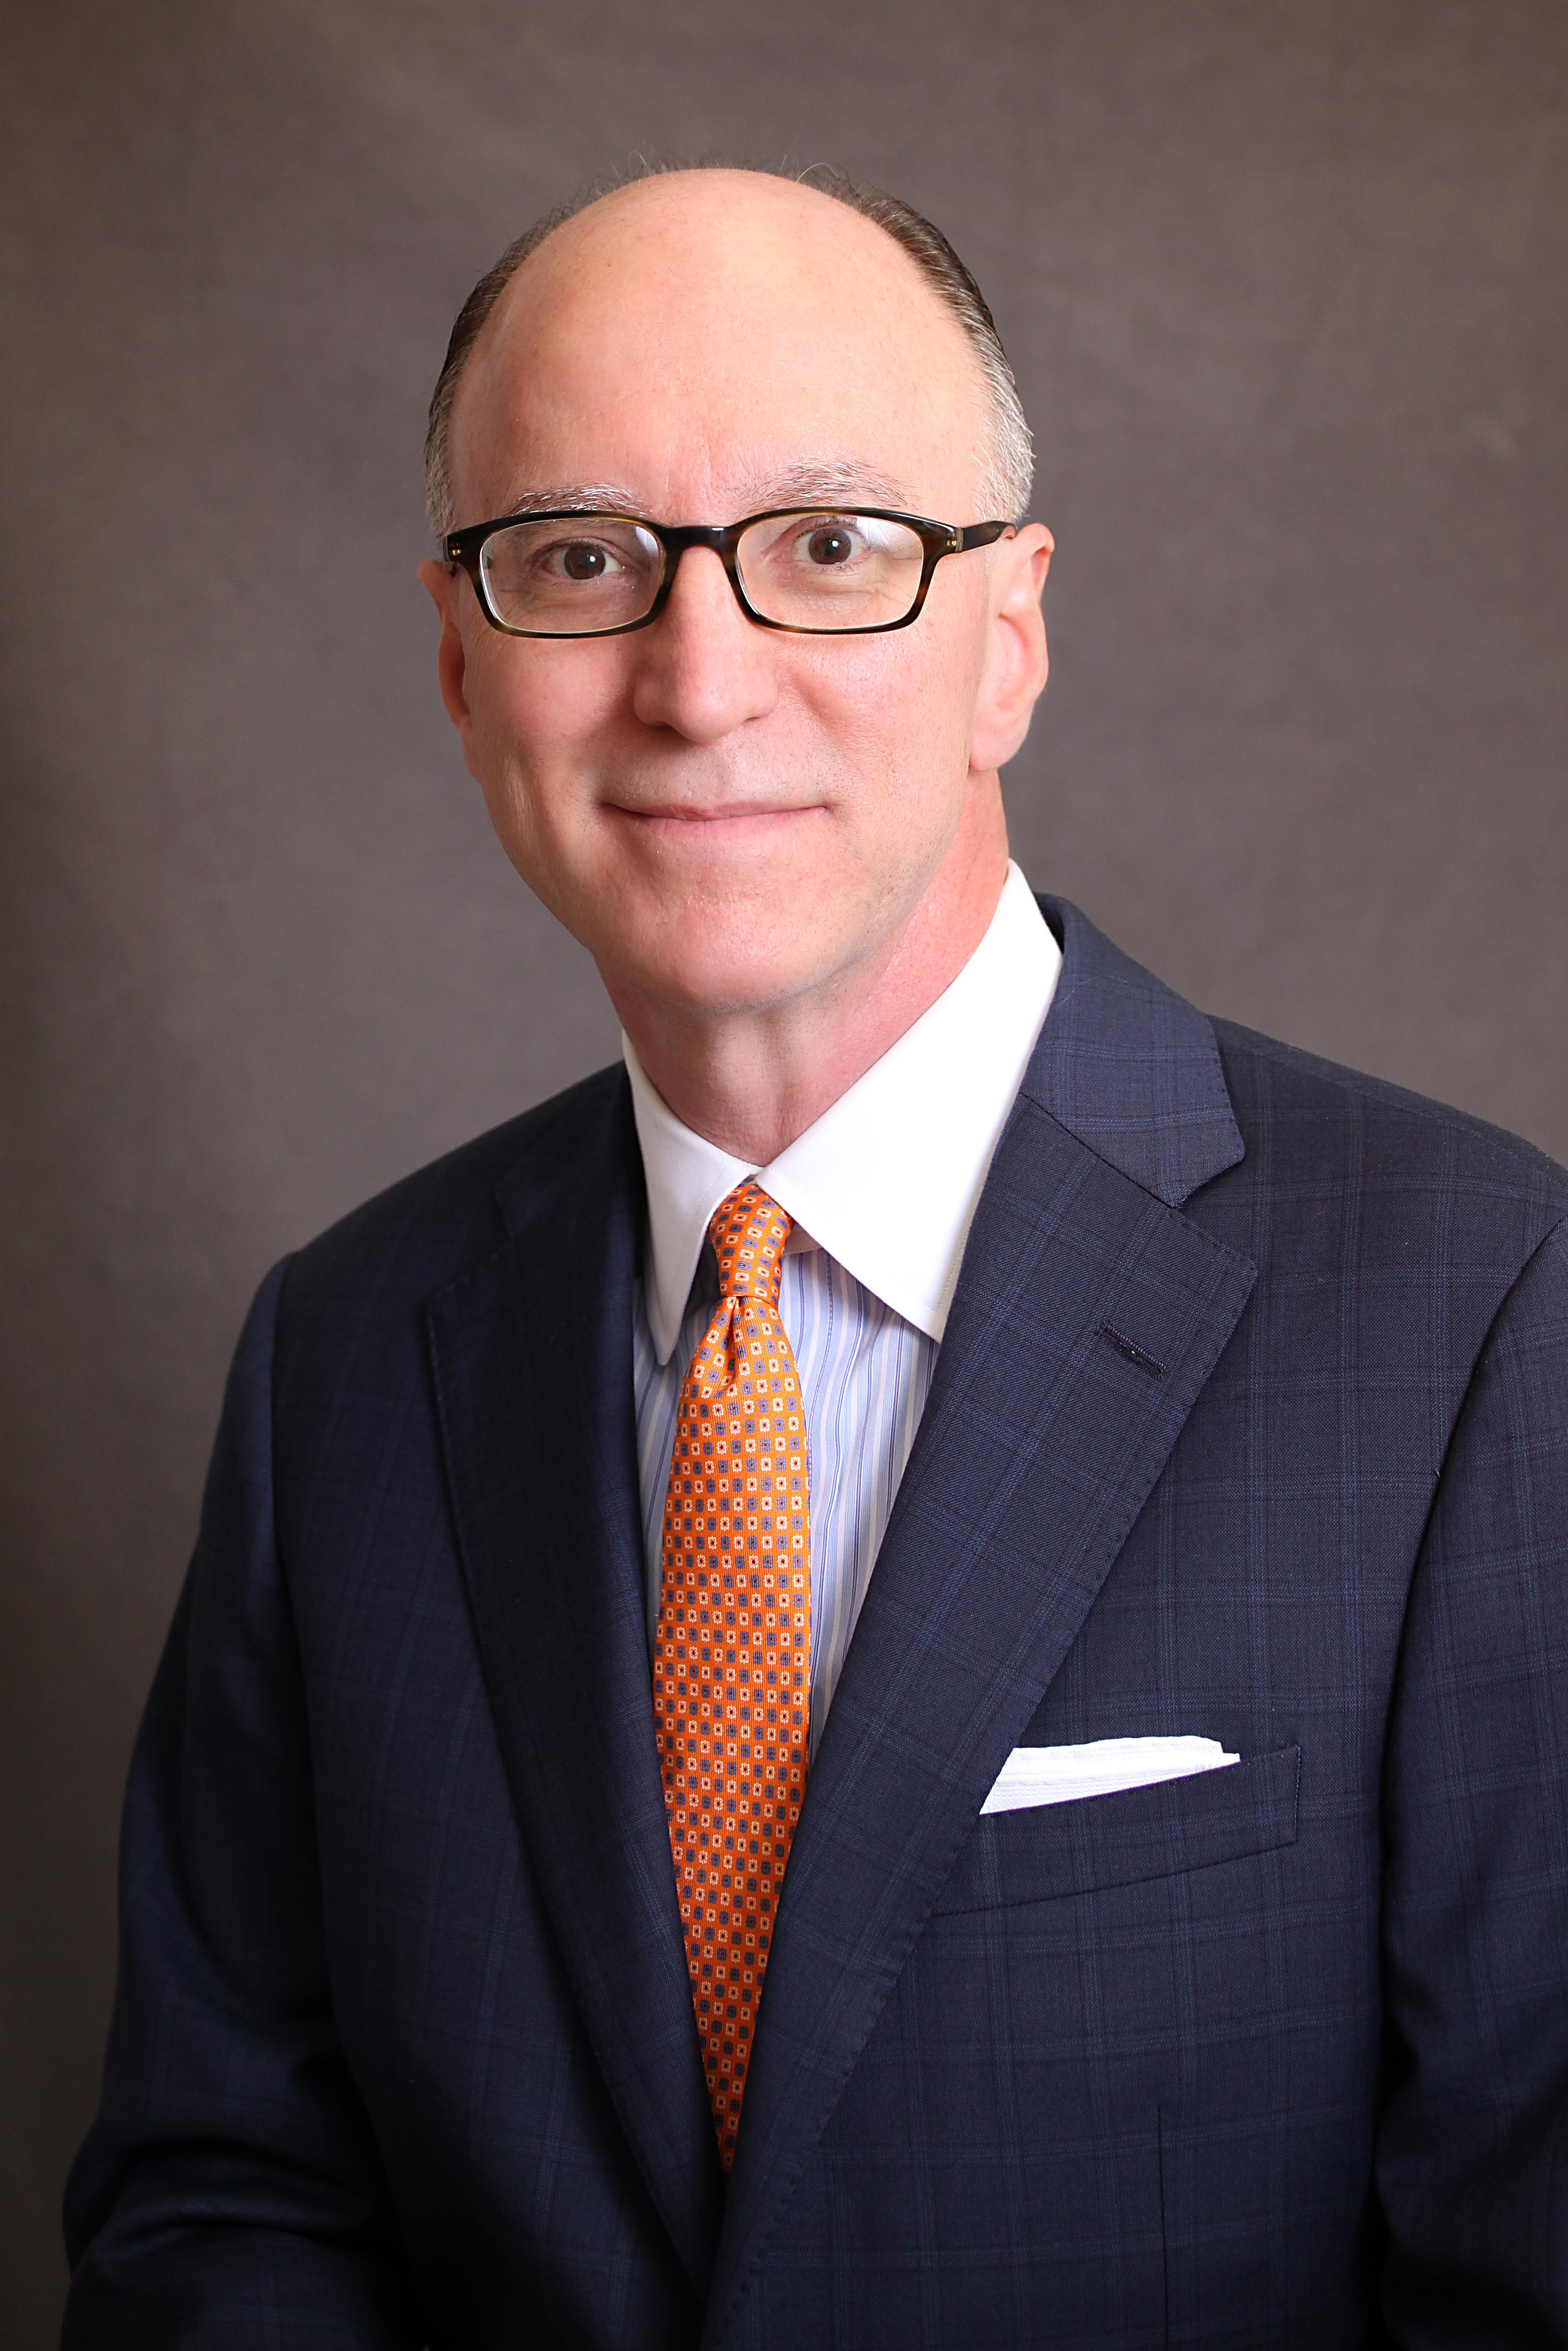 Jim in orange tie